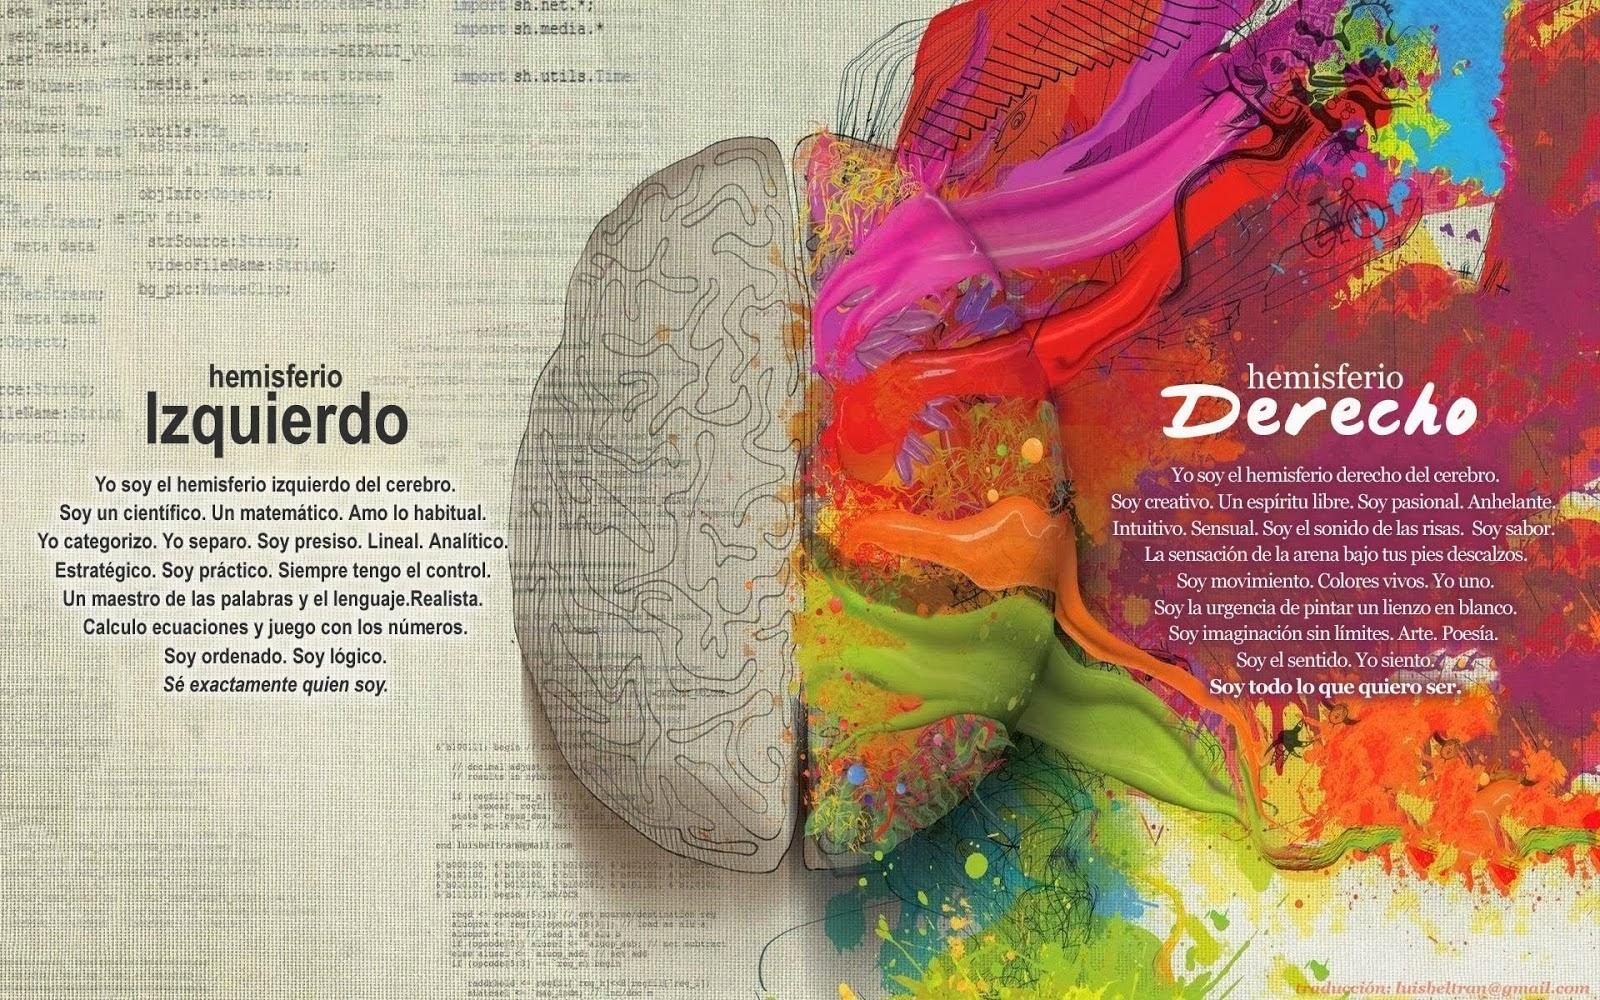 hemisferios izquierdo y derecho